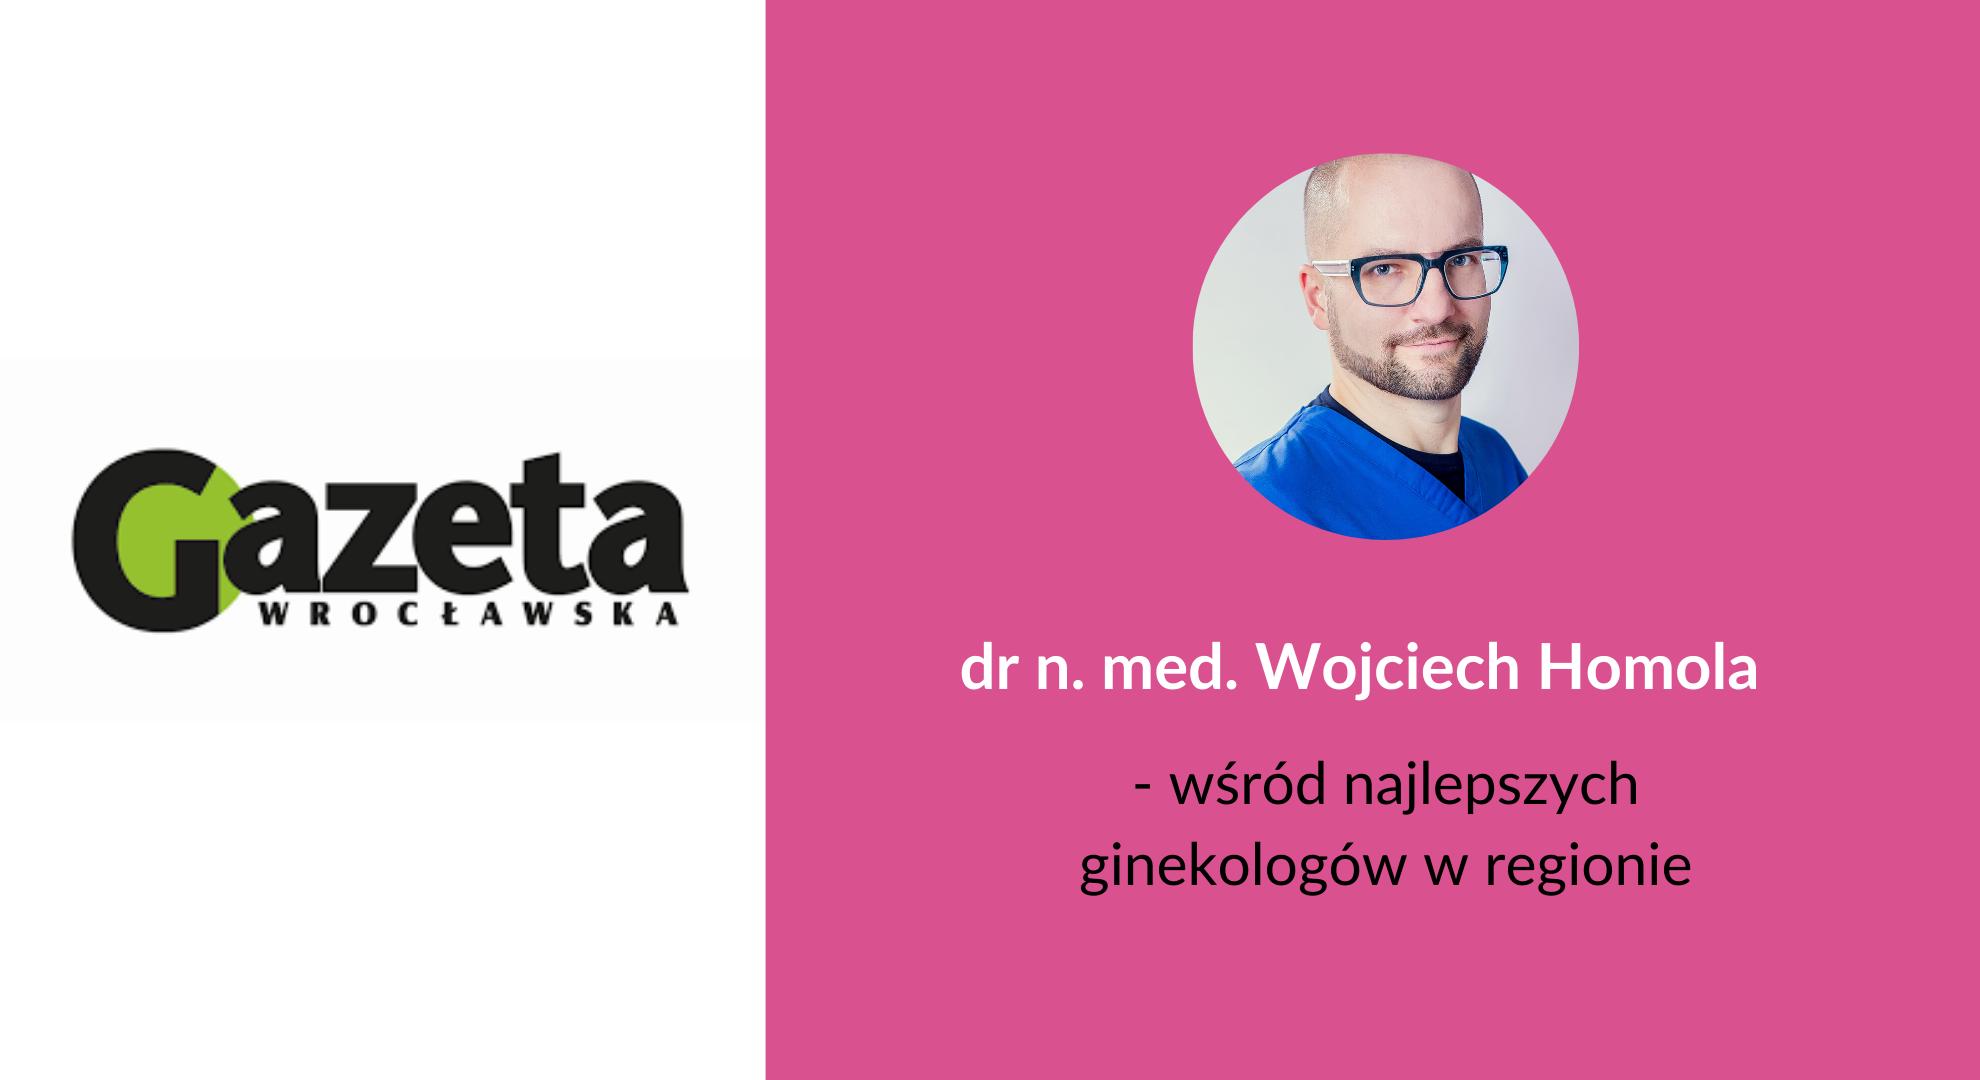 dr Wojciech Homola wśród najlepszych ginekologów wg opracowania Gazety Wrocławskiej